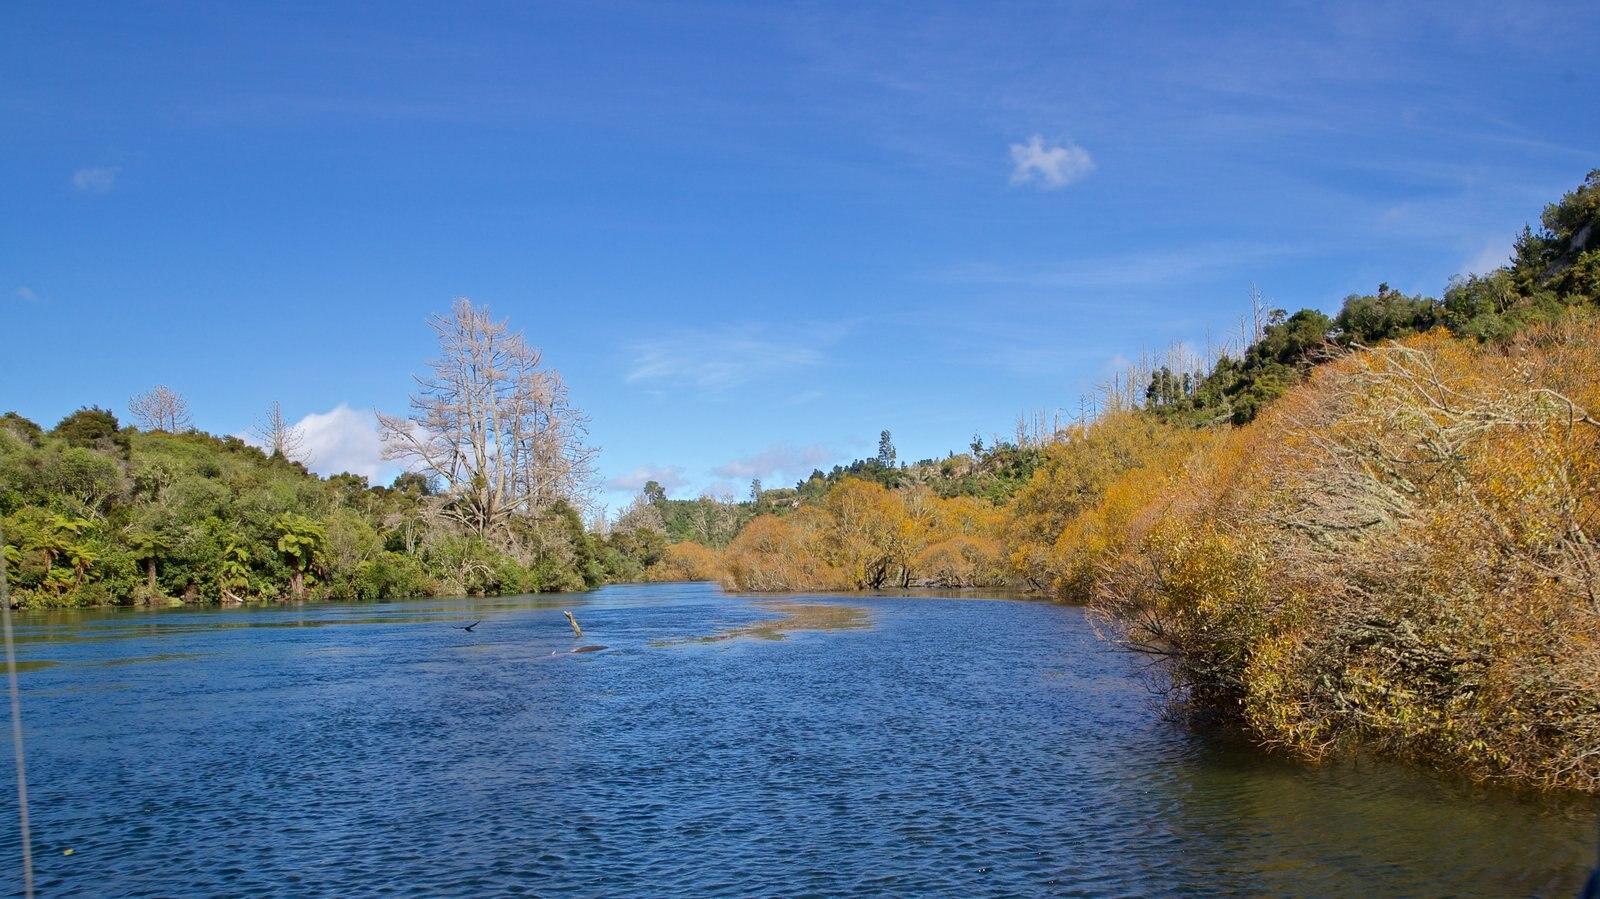 Taupo que inclui um rio ou córrego